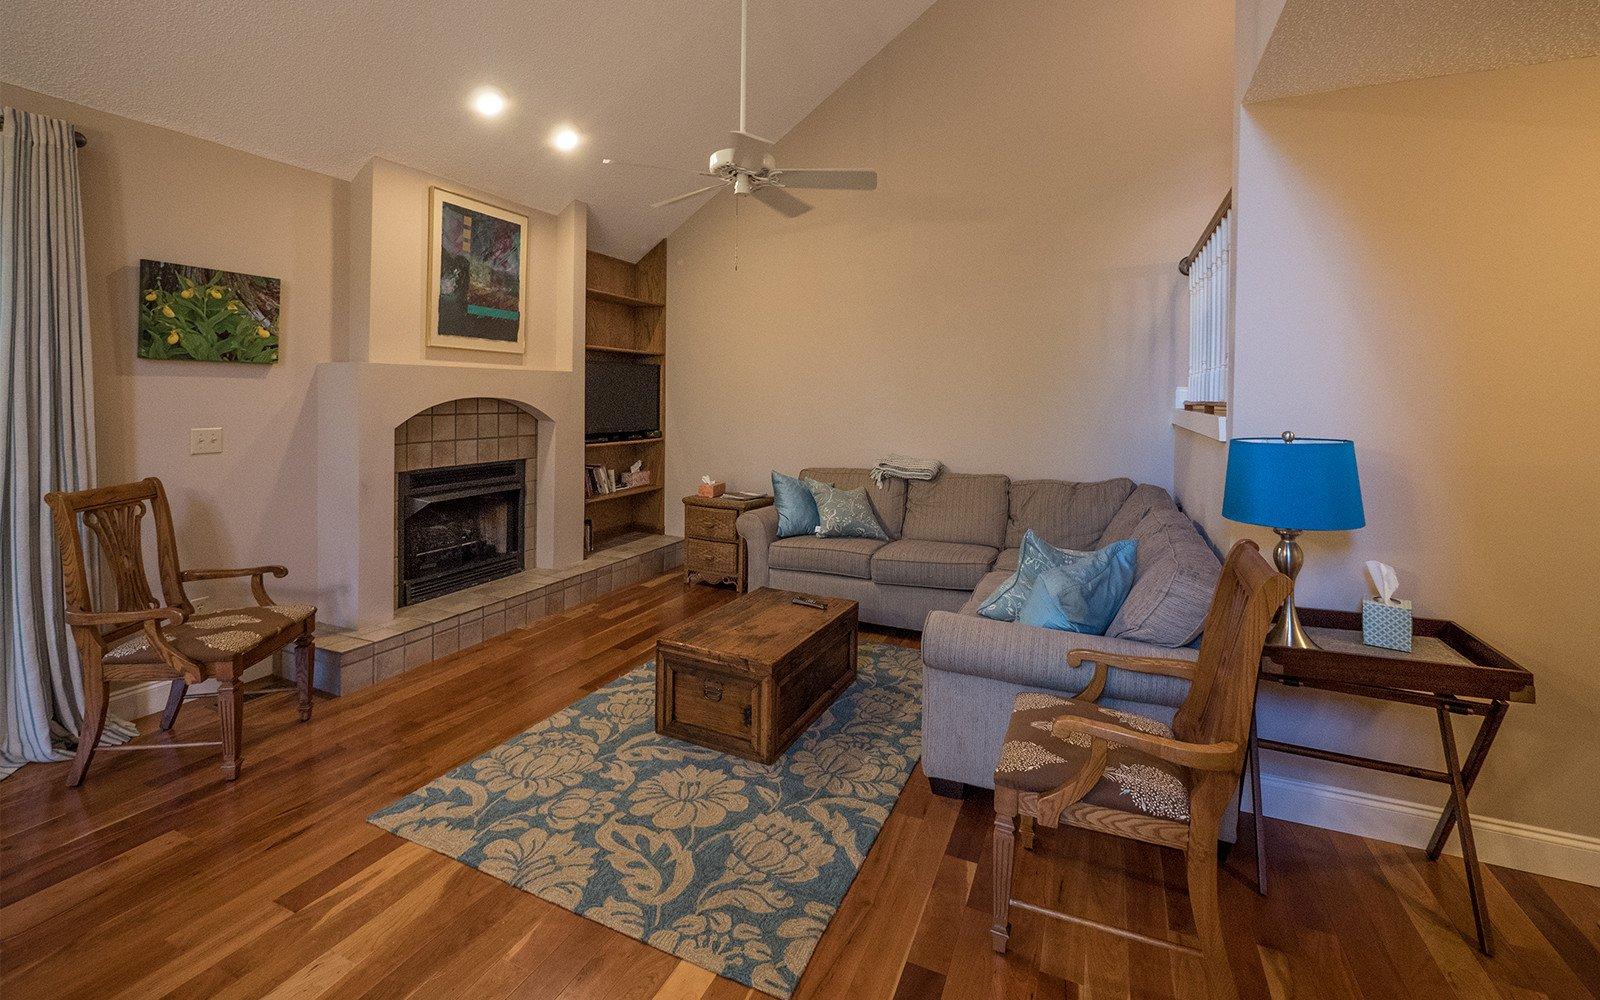 Hilt-Street-house-living-room